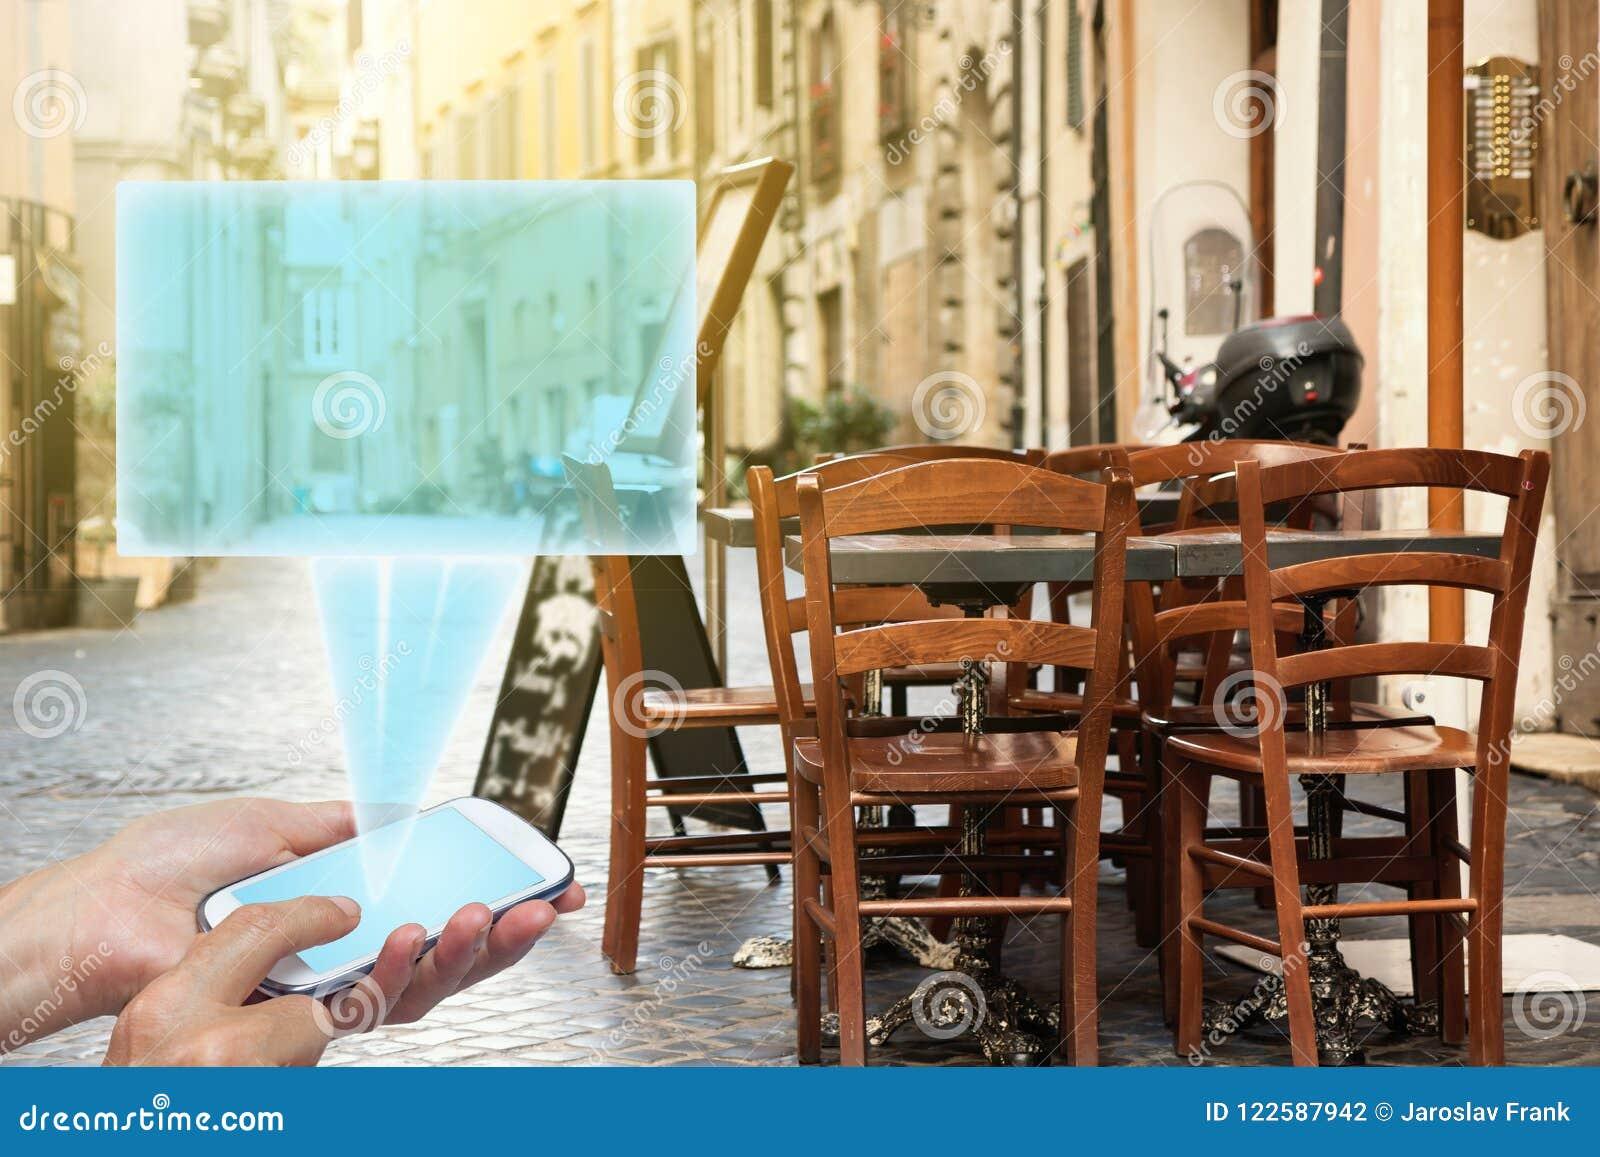 De Voyage Table Concept Le Avec De La Vide Manger De à Salle 153KulcTFJ